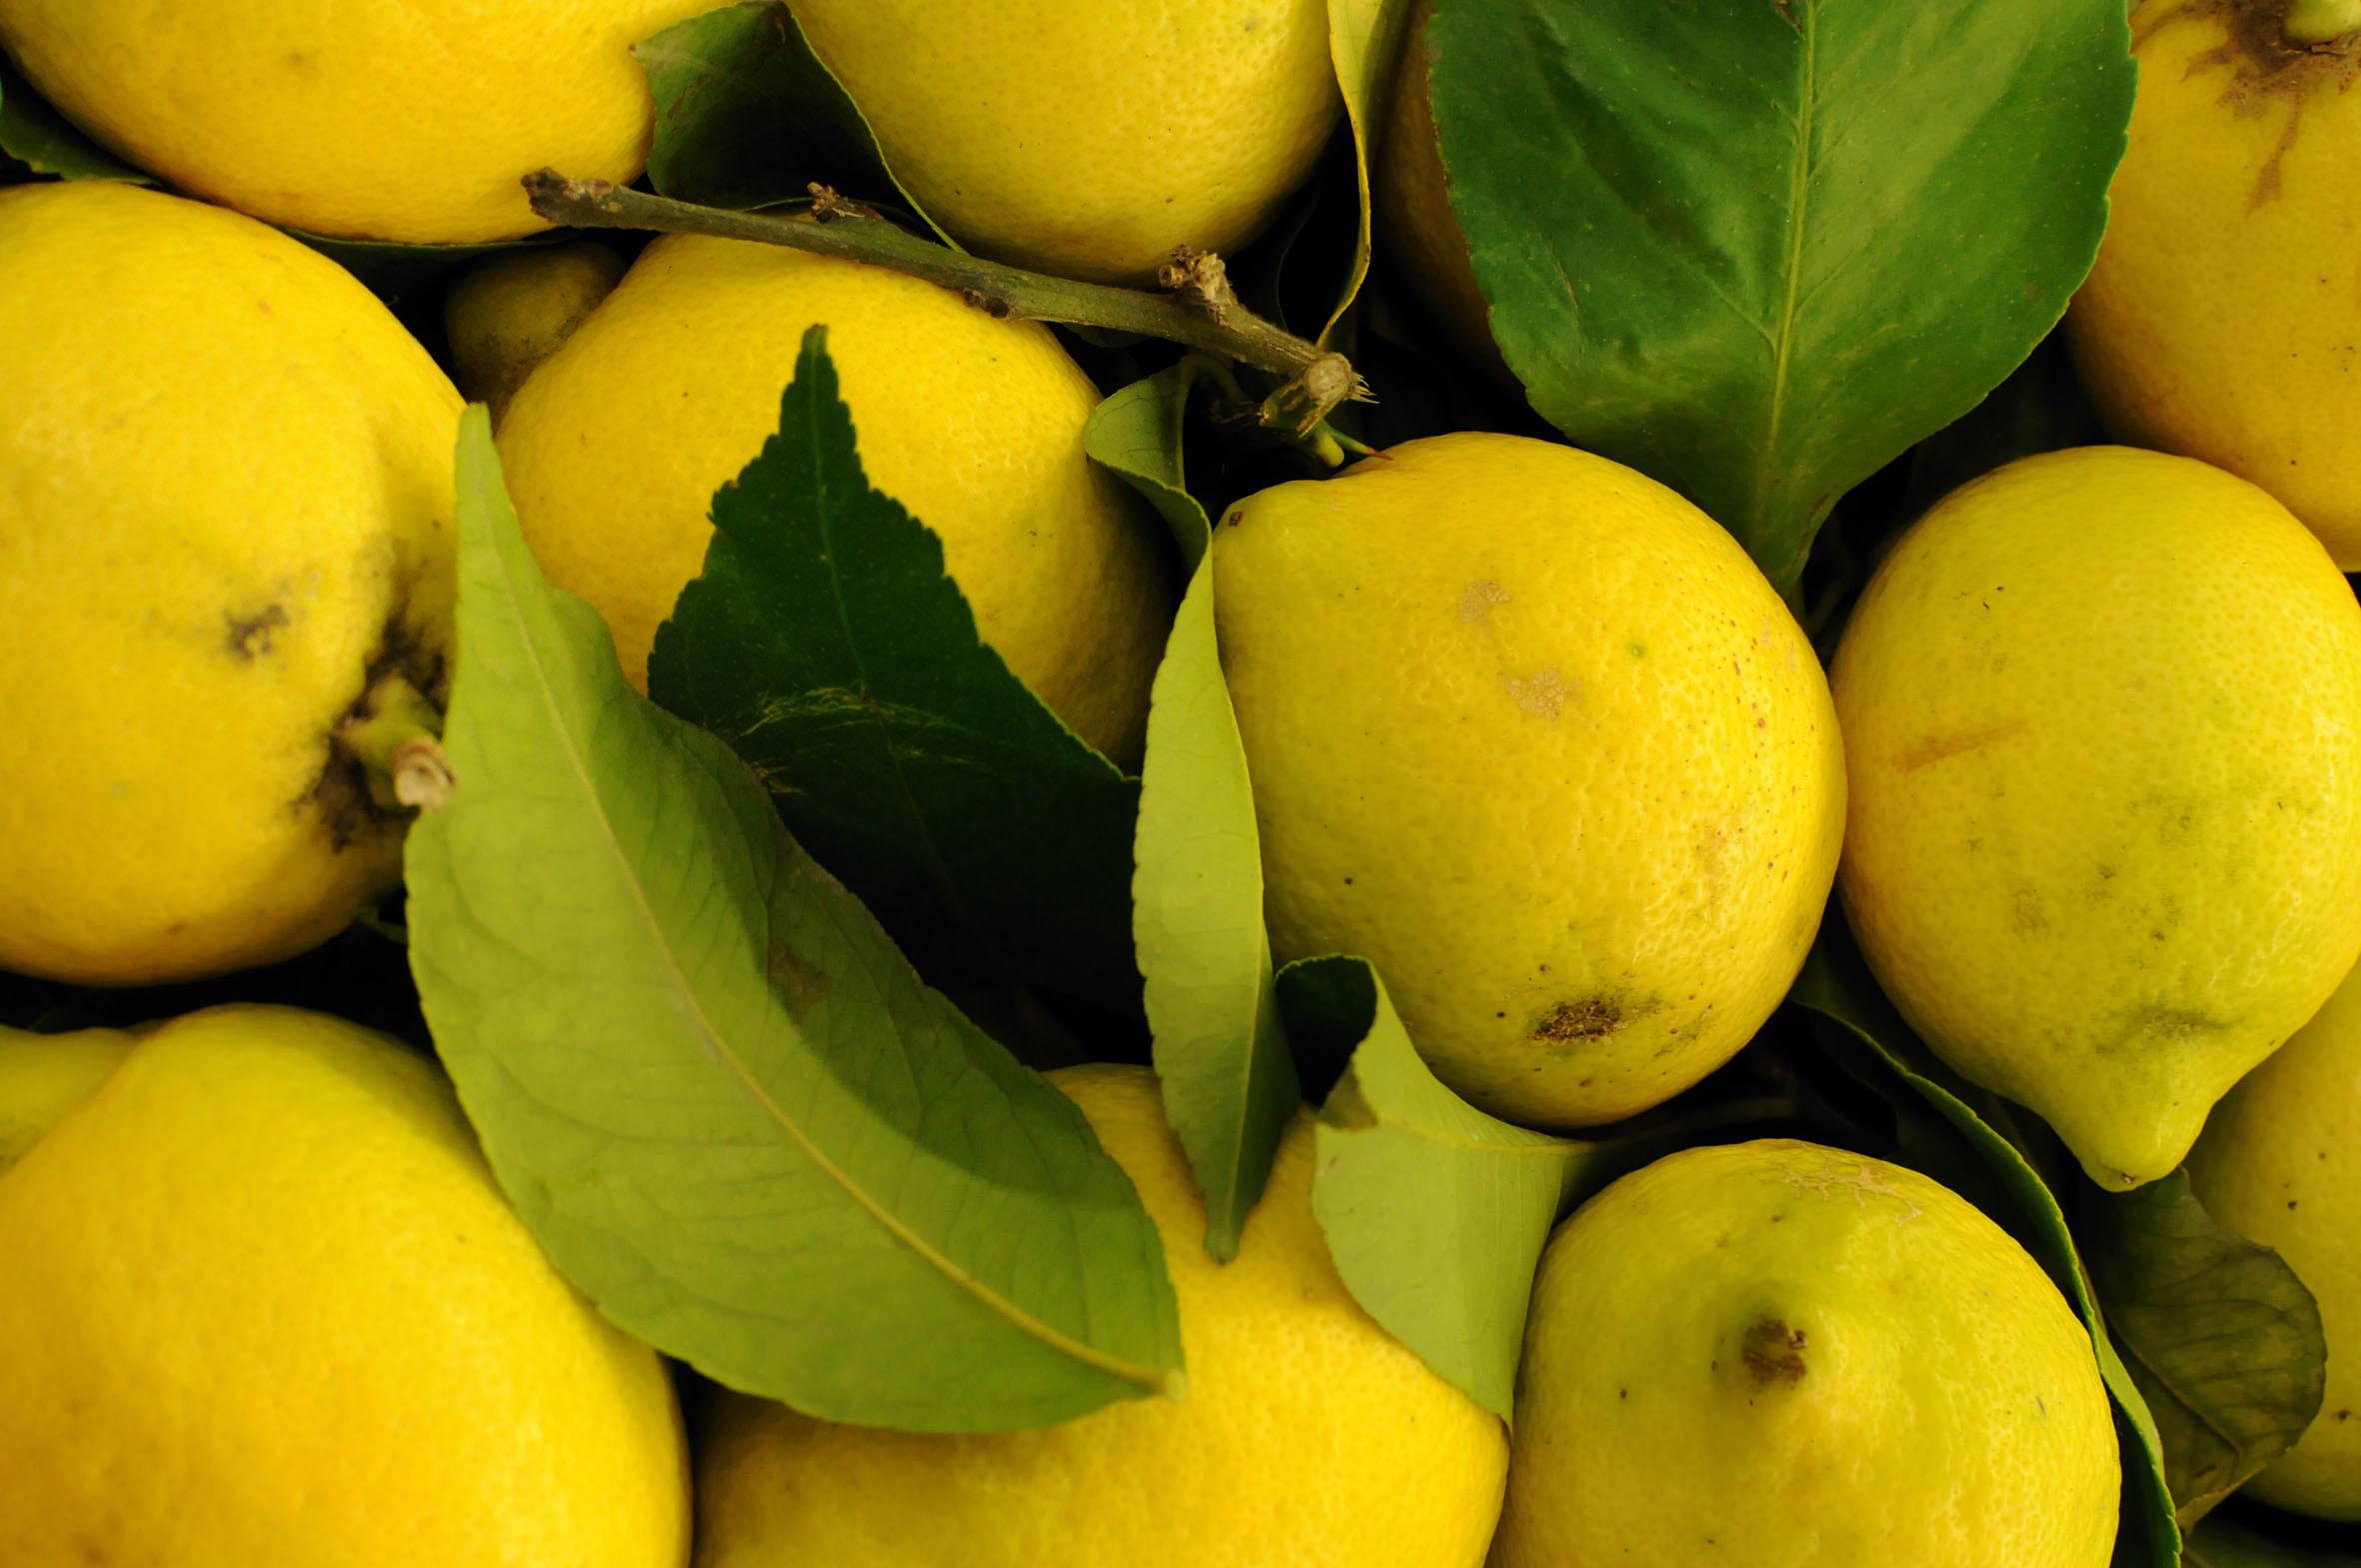 unwaxed-lemons.jpg?mtime=20170922142507#asset:11503